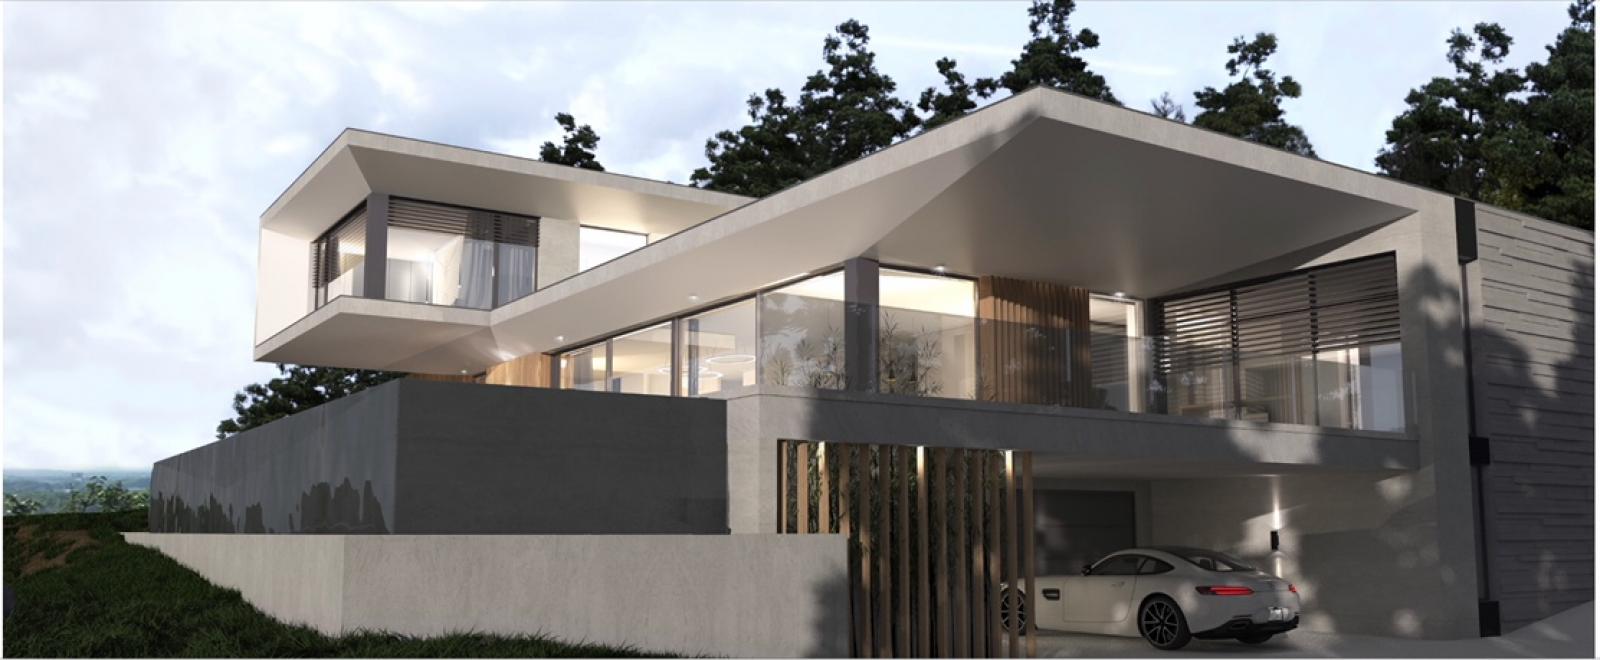 Construction De Maison Sur Terrain En Pente - Construction ... concernant Maisons Design En Pente